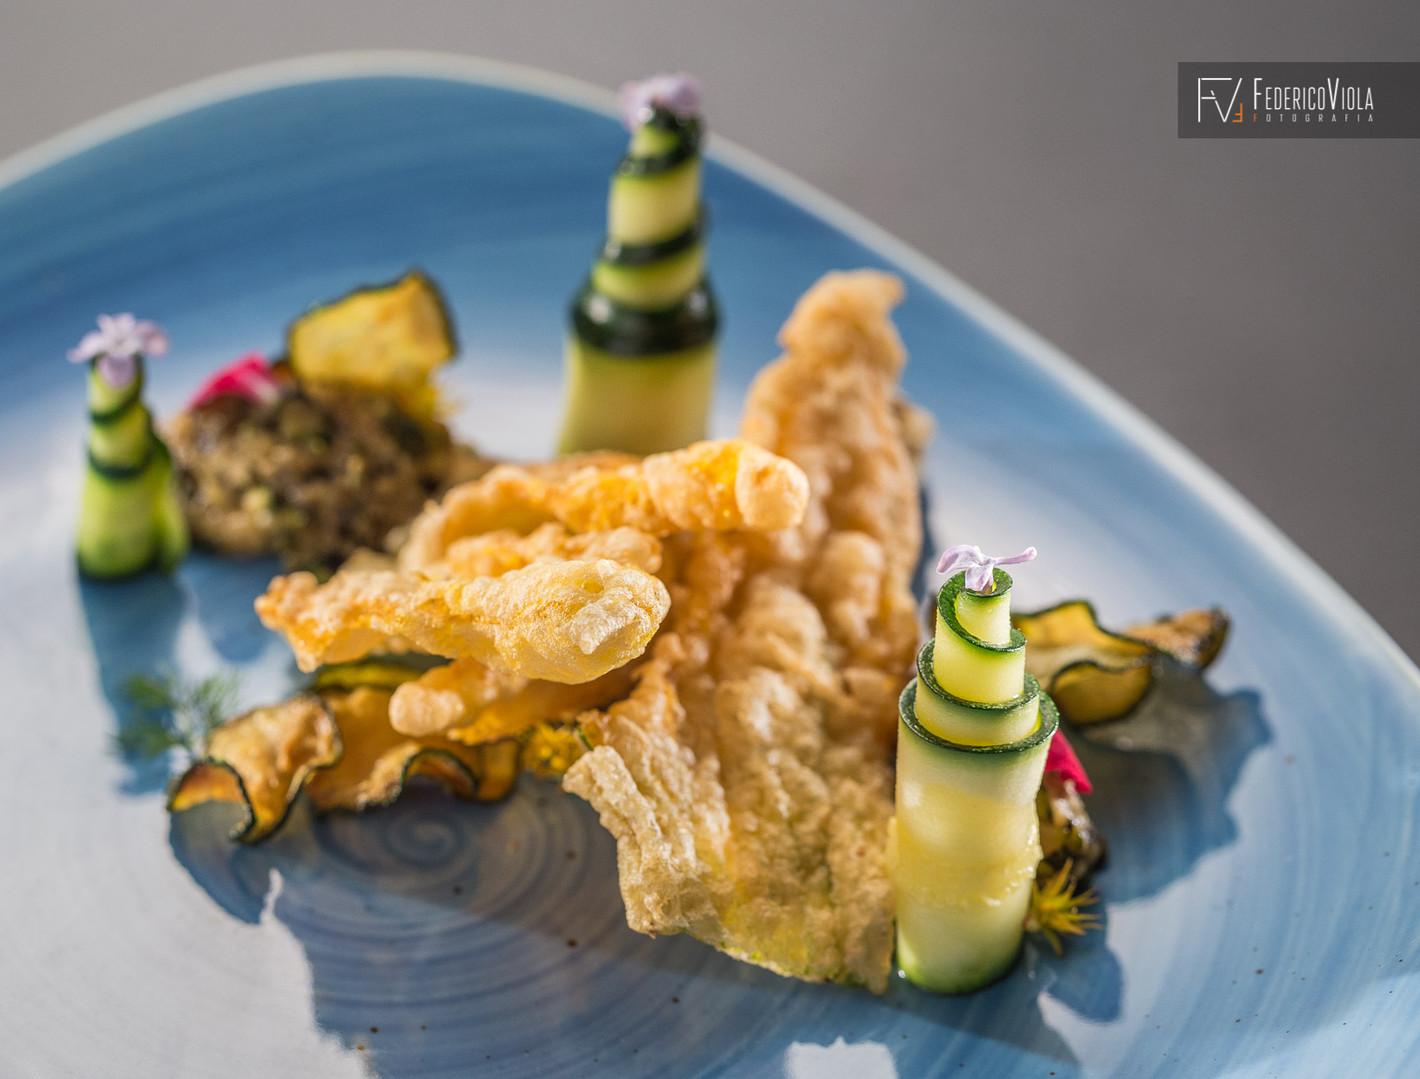 Fotografo-food-piatti-Gaeta-Federico-Vio